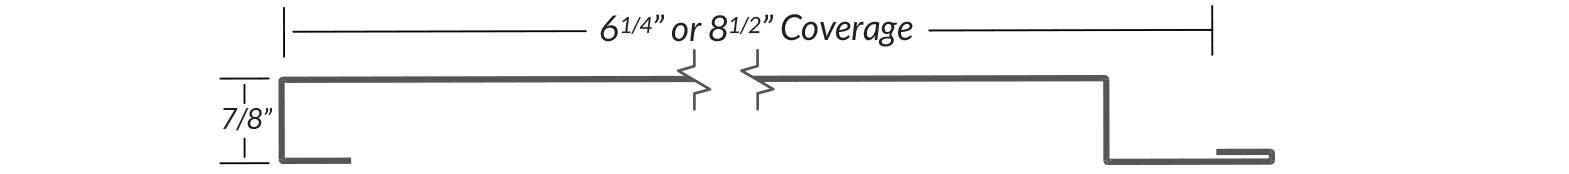 Metal Panel - I/9 Line Drawing